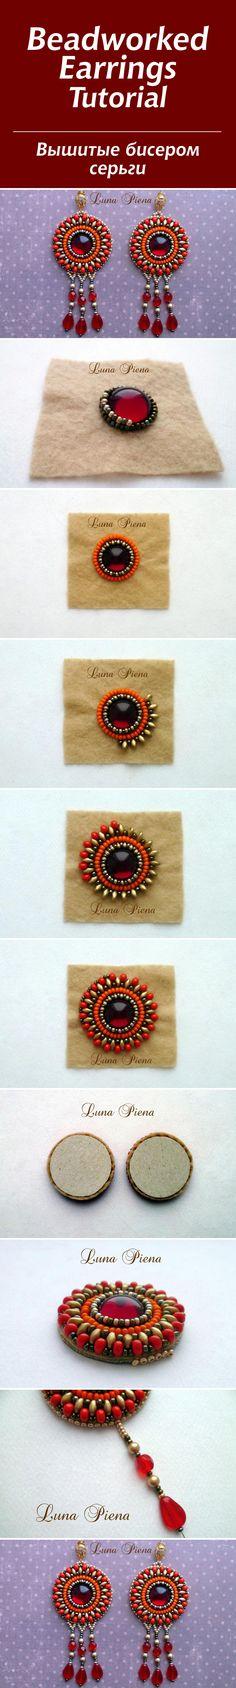 """Вышитые бисером серьги """"Марракеш"""" #beadwork #earrings #tutorial #diy"""